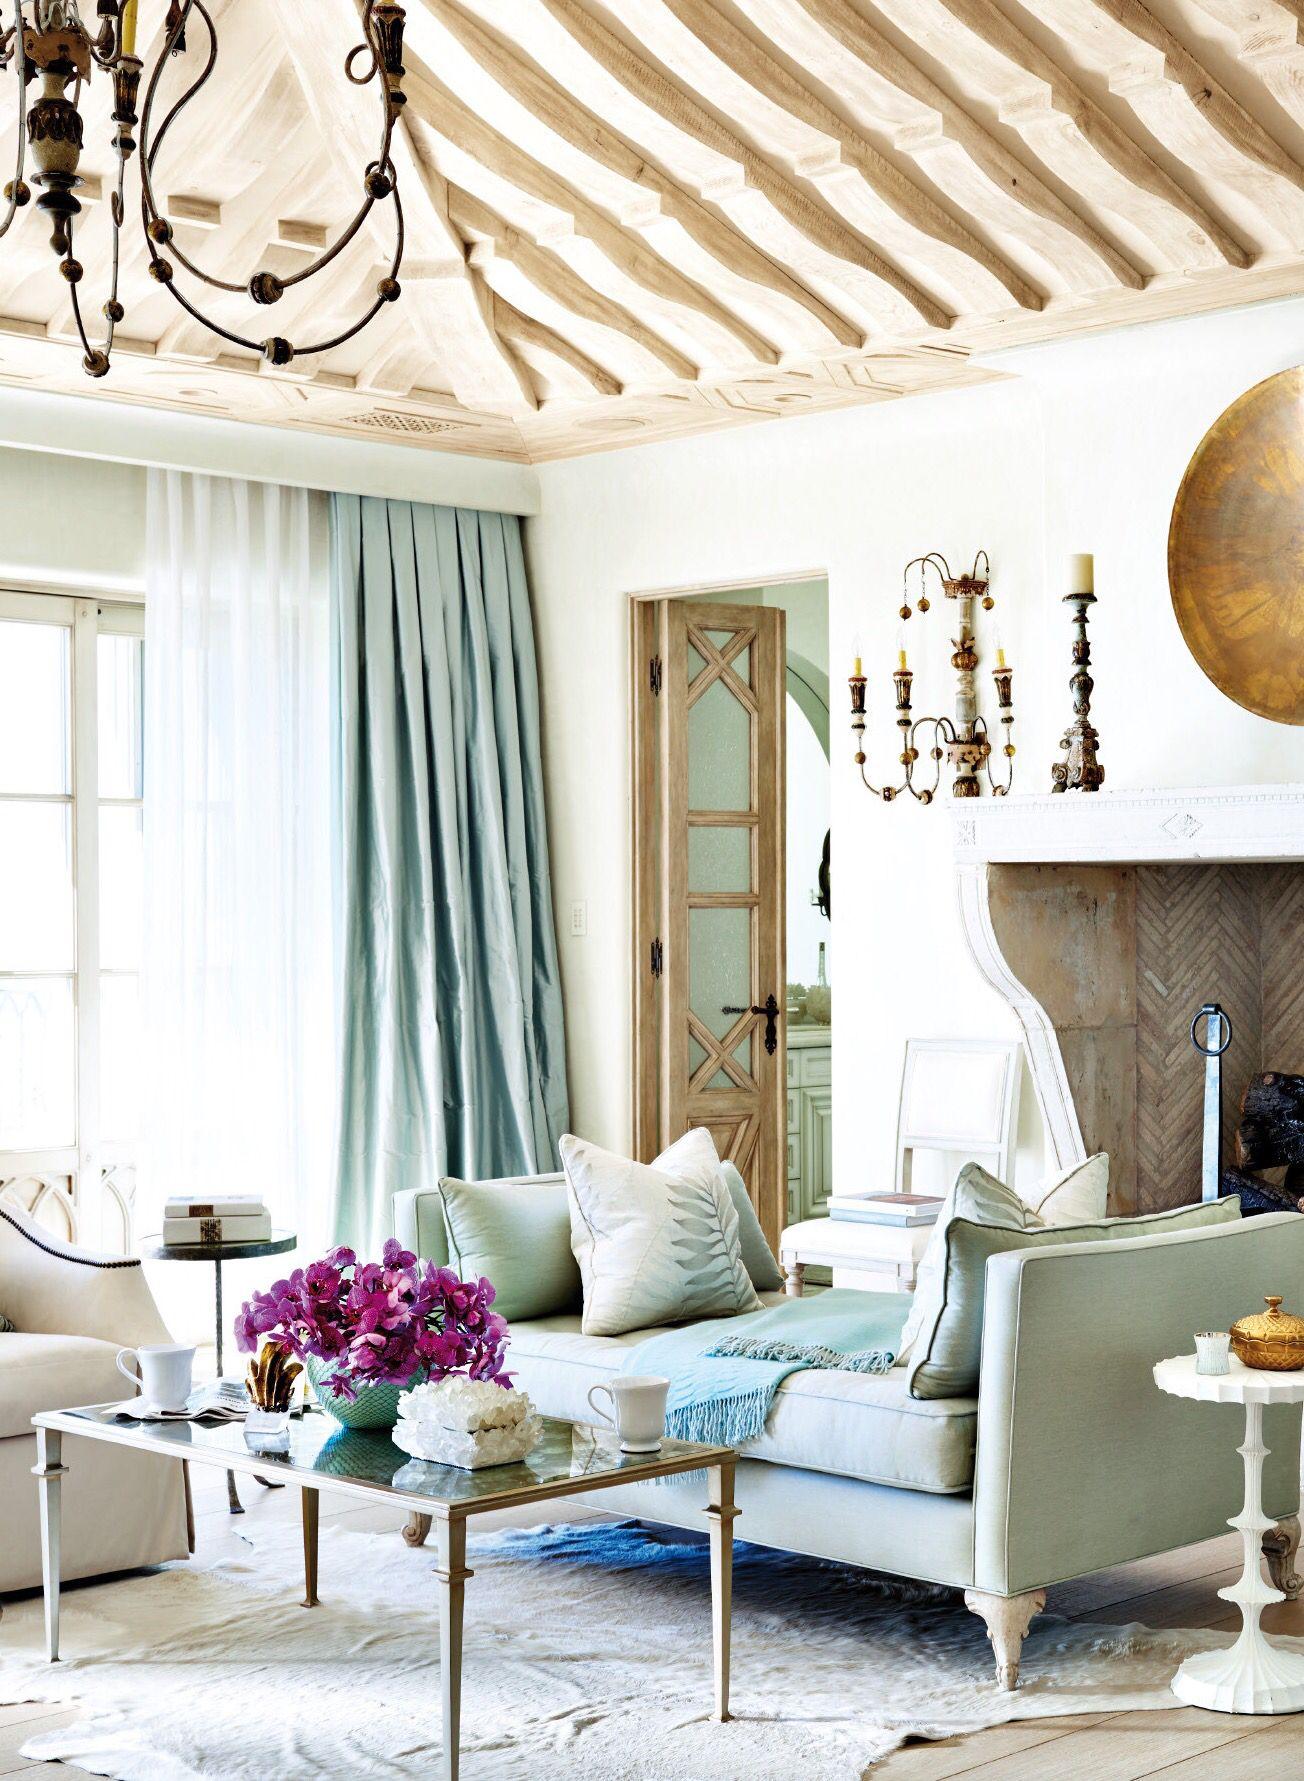 ohara davies-gaetano design house beautiful june 2015 | inspiring ...